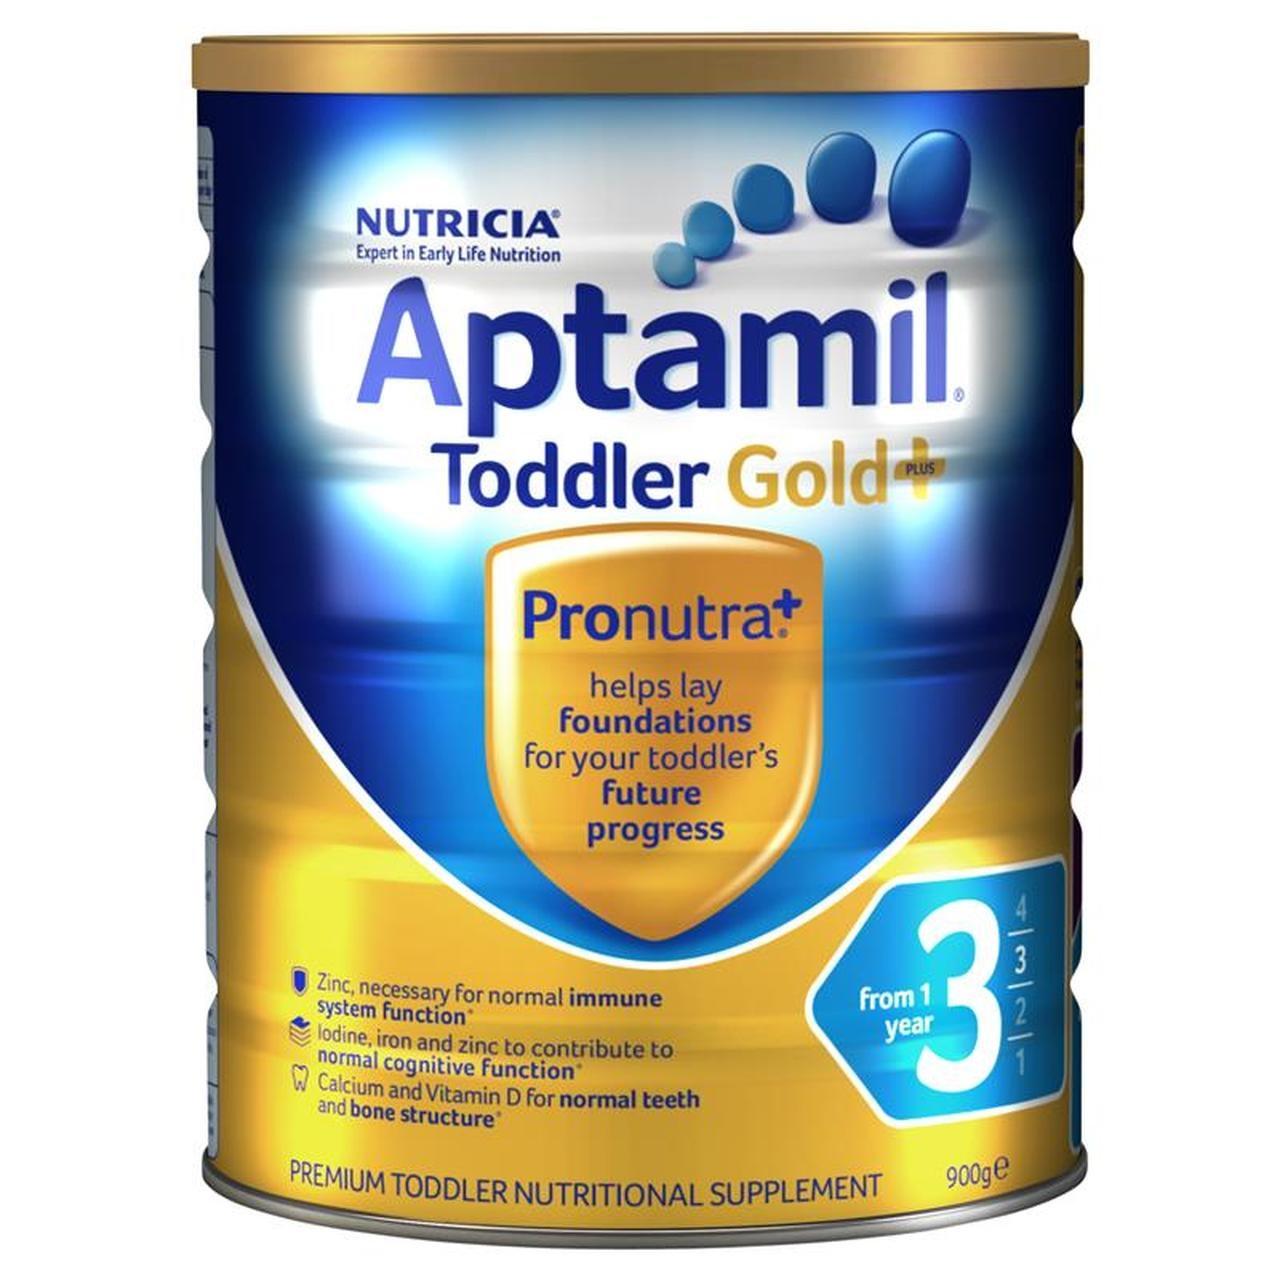 補貨!【最高滿減10澳】Aptamil 愛他美 嬰兒金裝奶粉 3段 900g